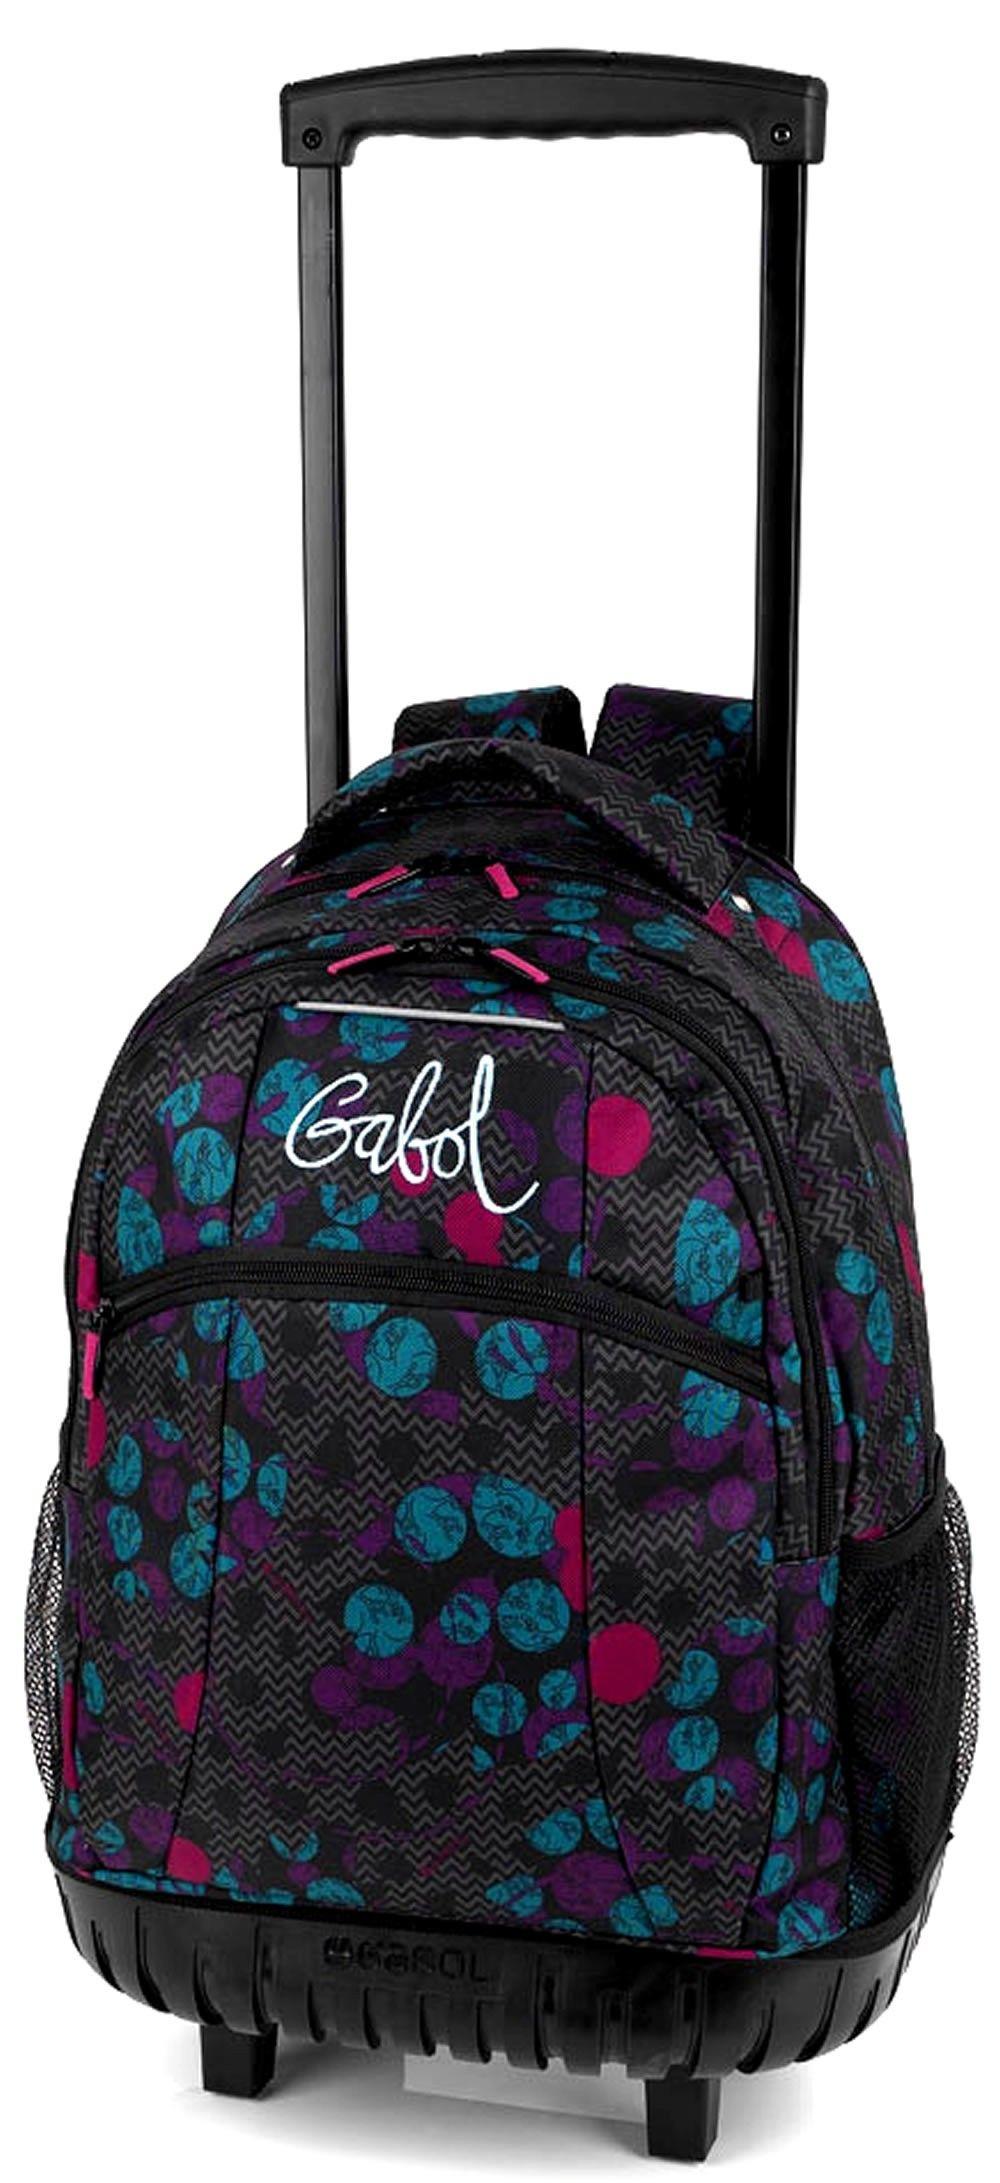 6d0e7b7e40b mochila escolar gabol clover Mochilas Escolares Con Carro